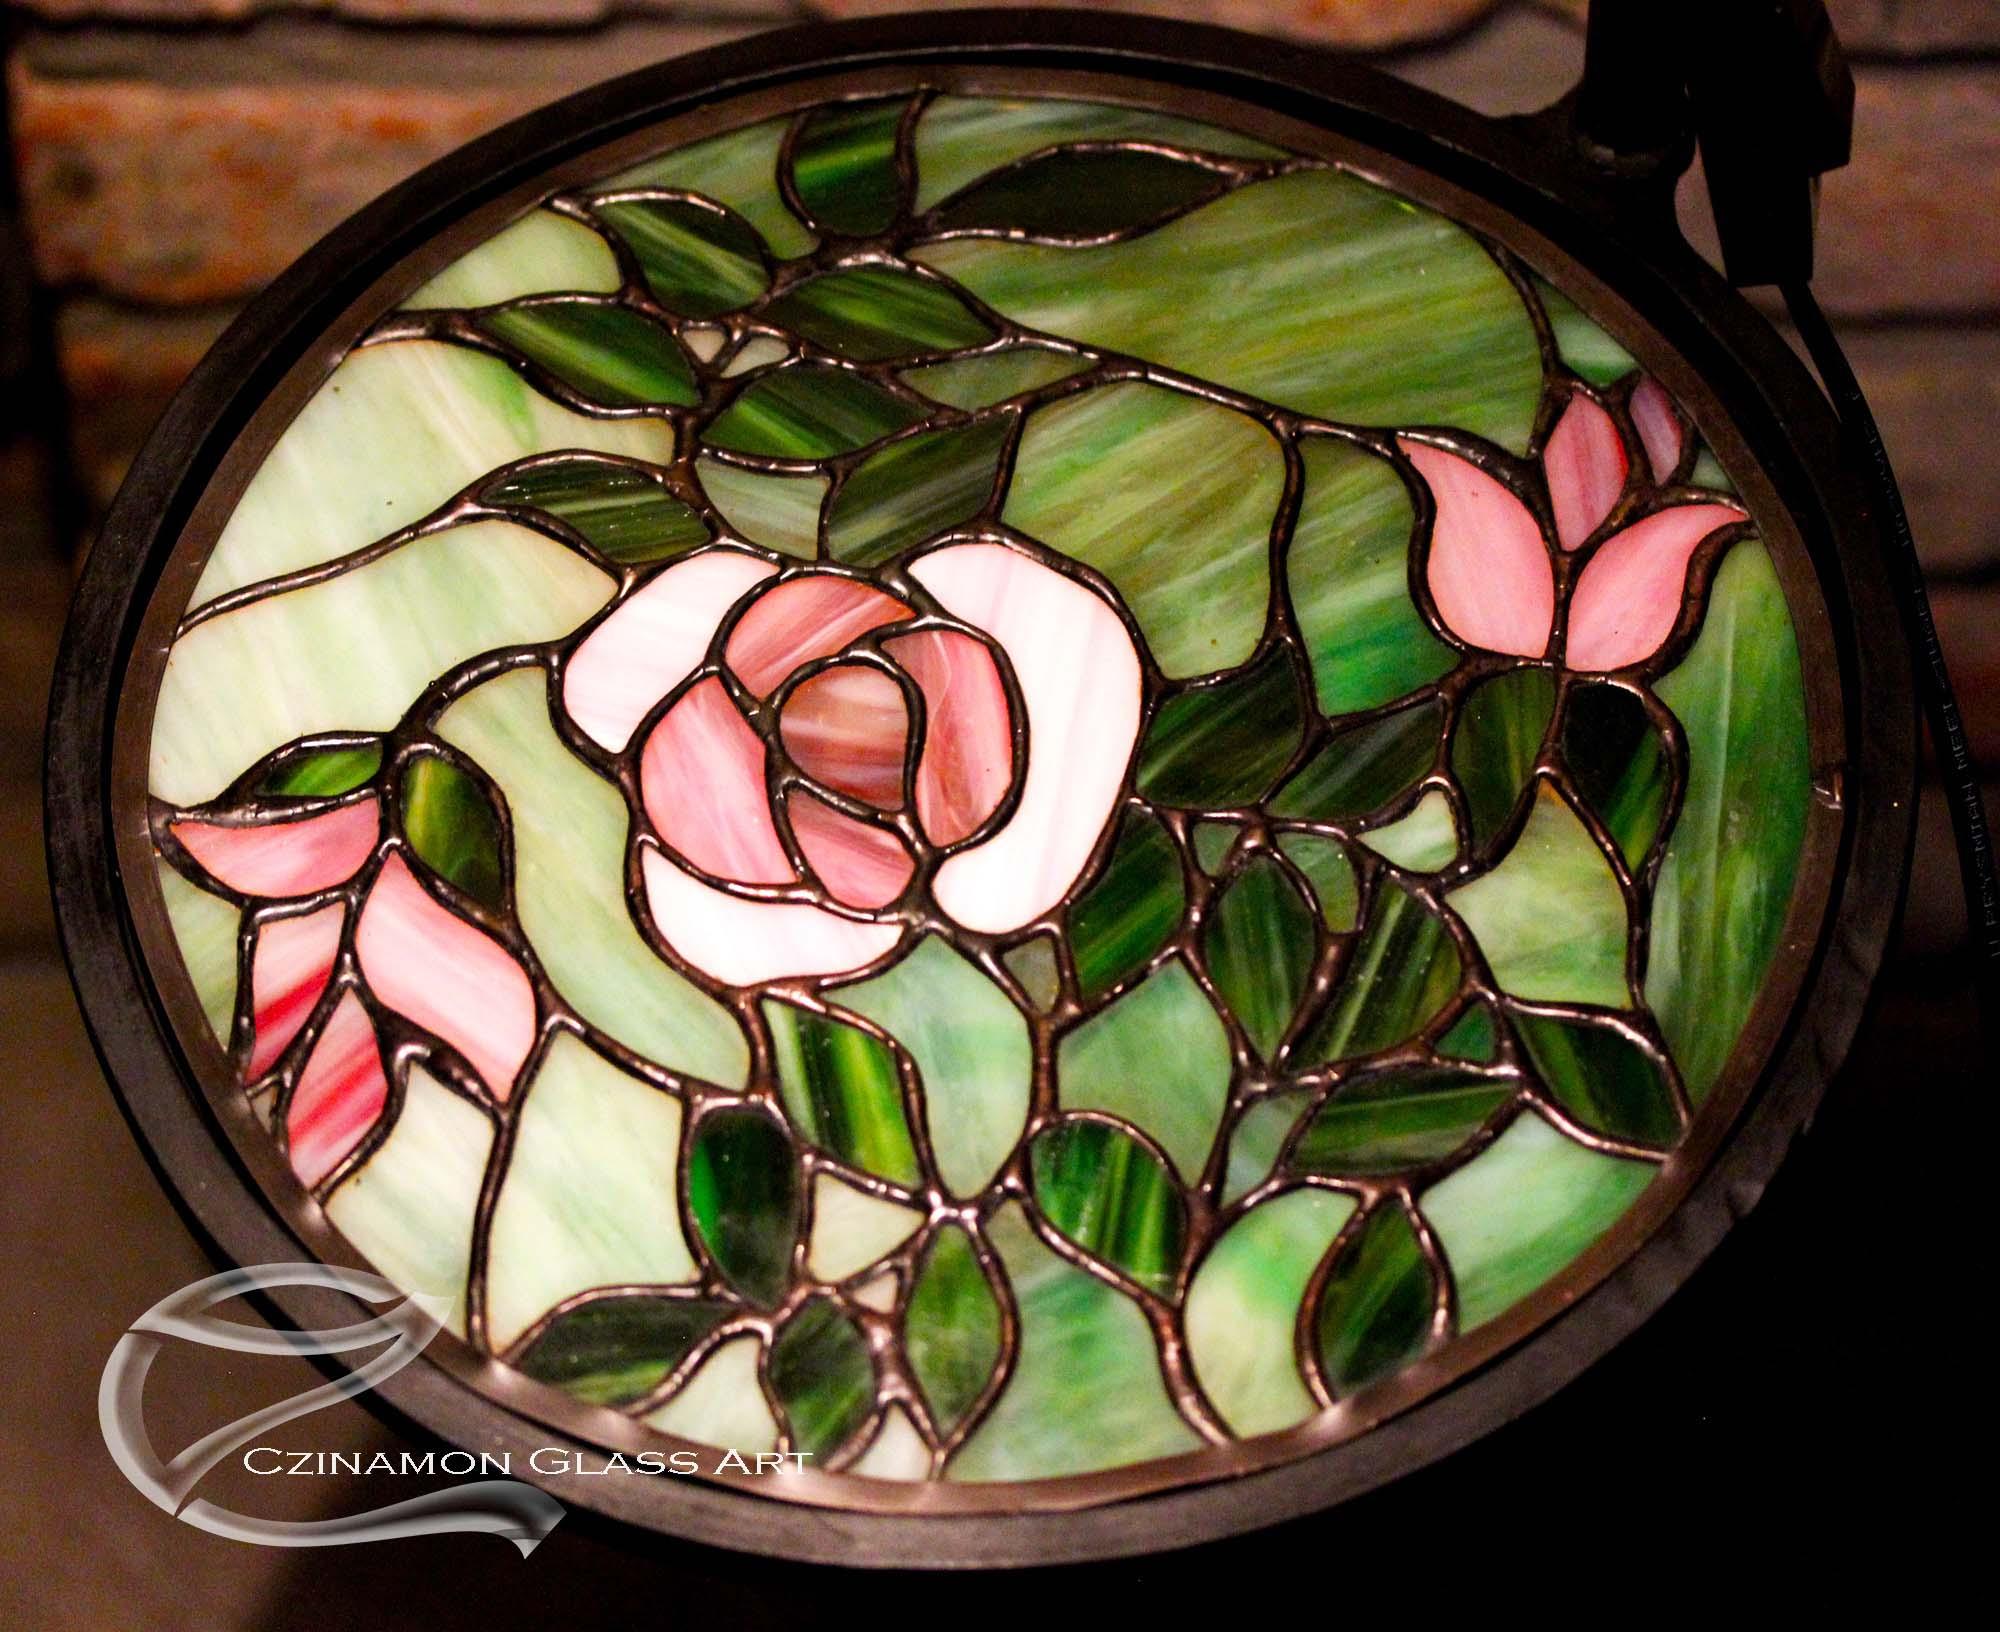 Czinamon üvegművészet